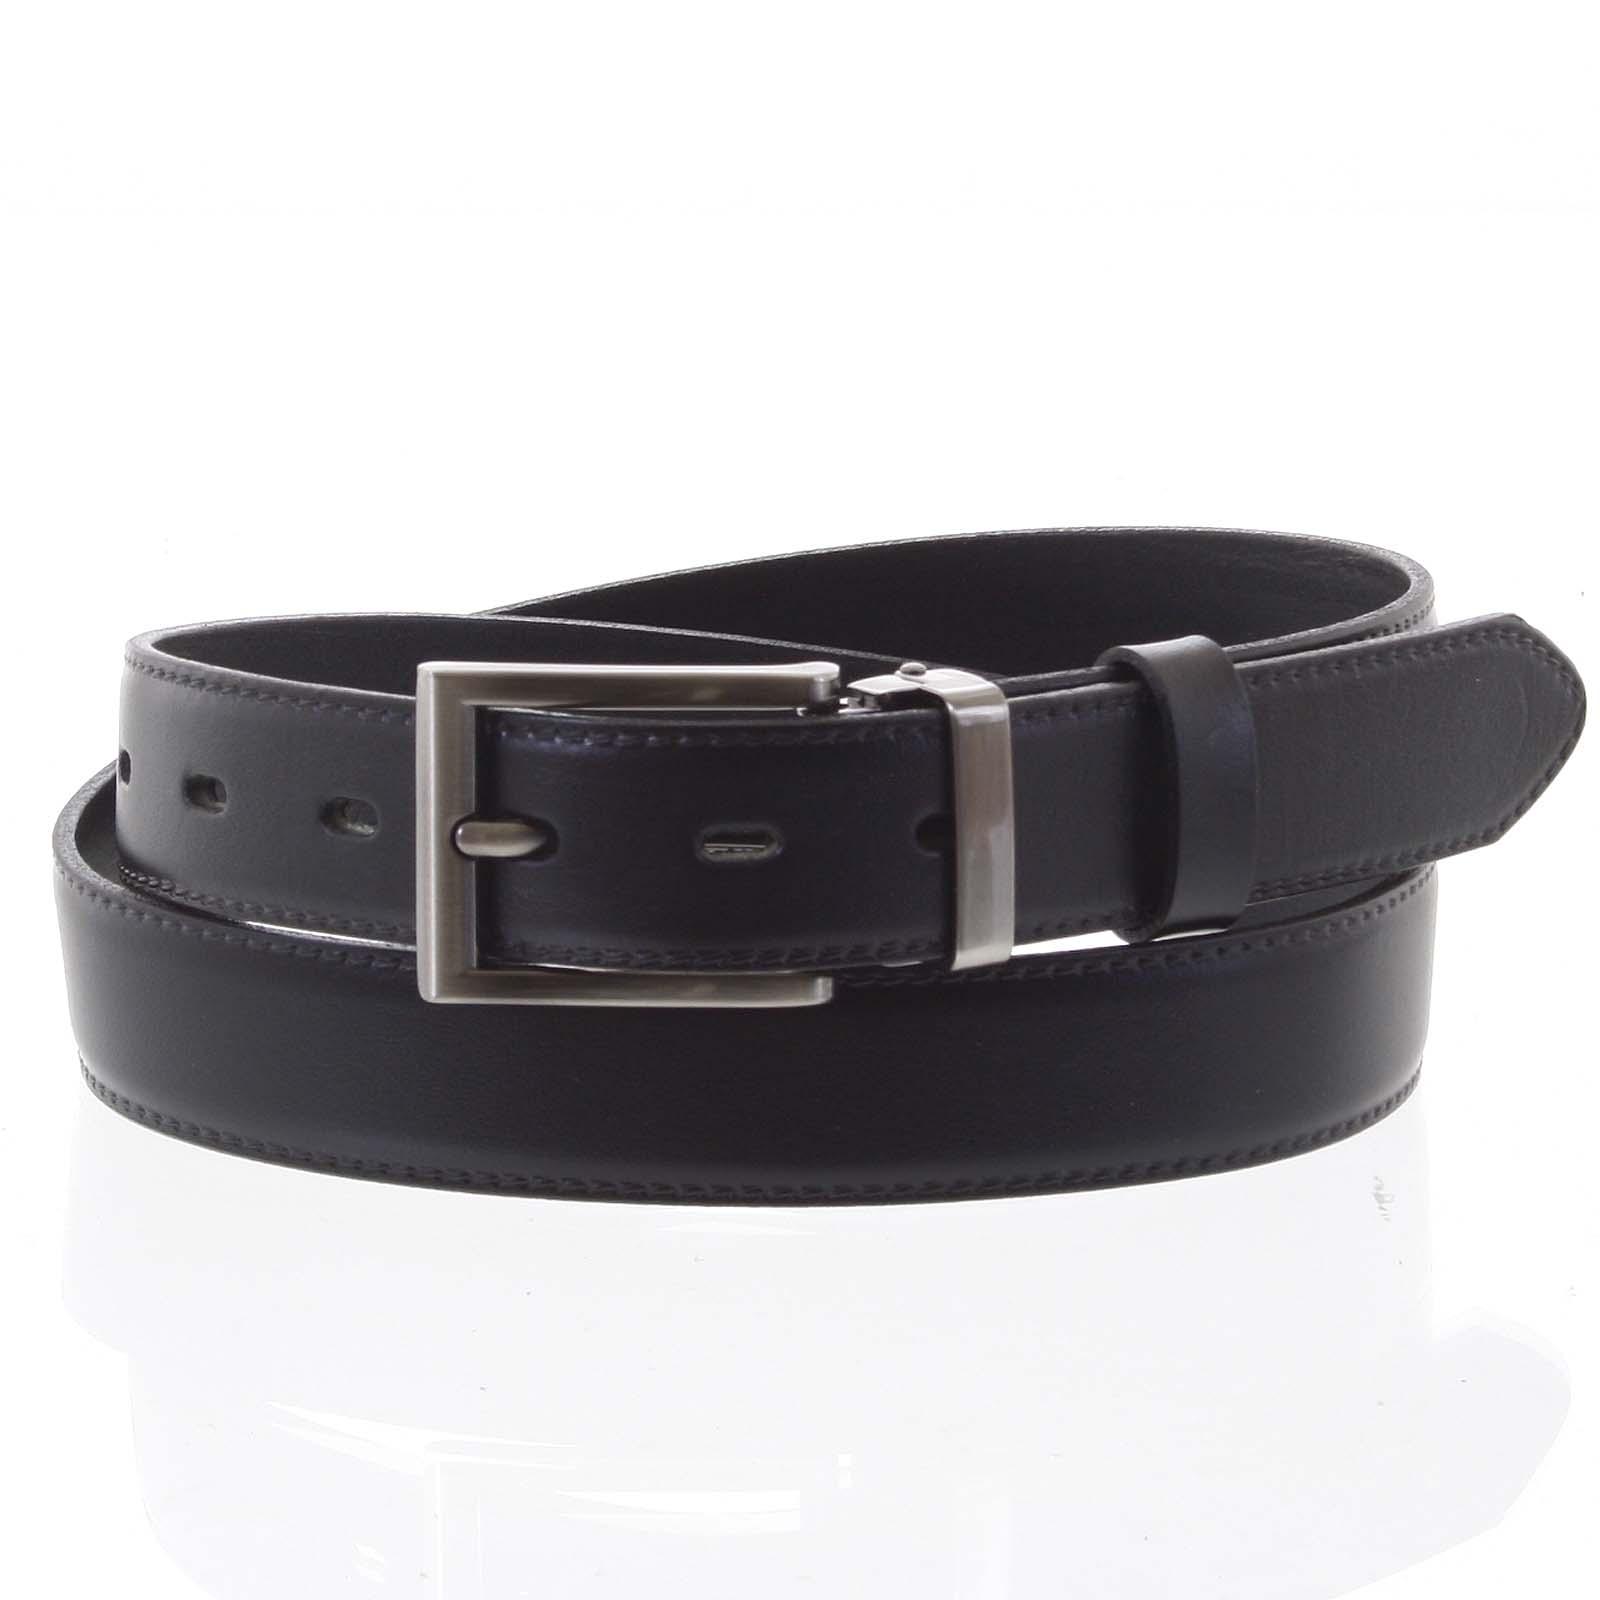 Pánský kožený opasek oblekový černý - PB Labim 95